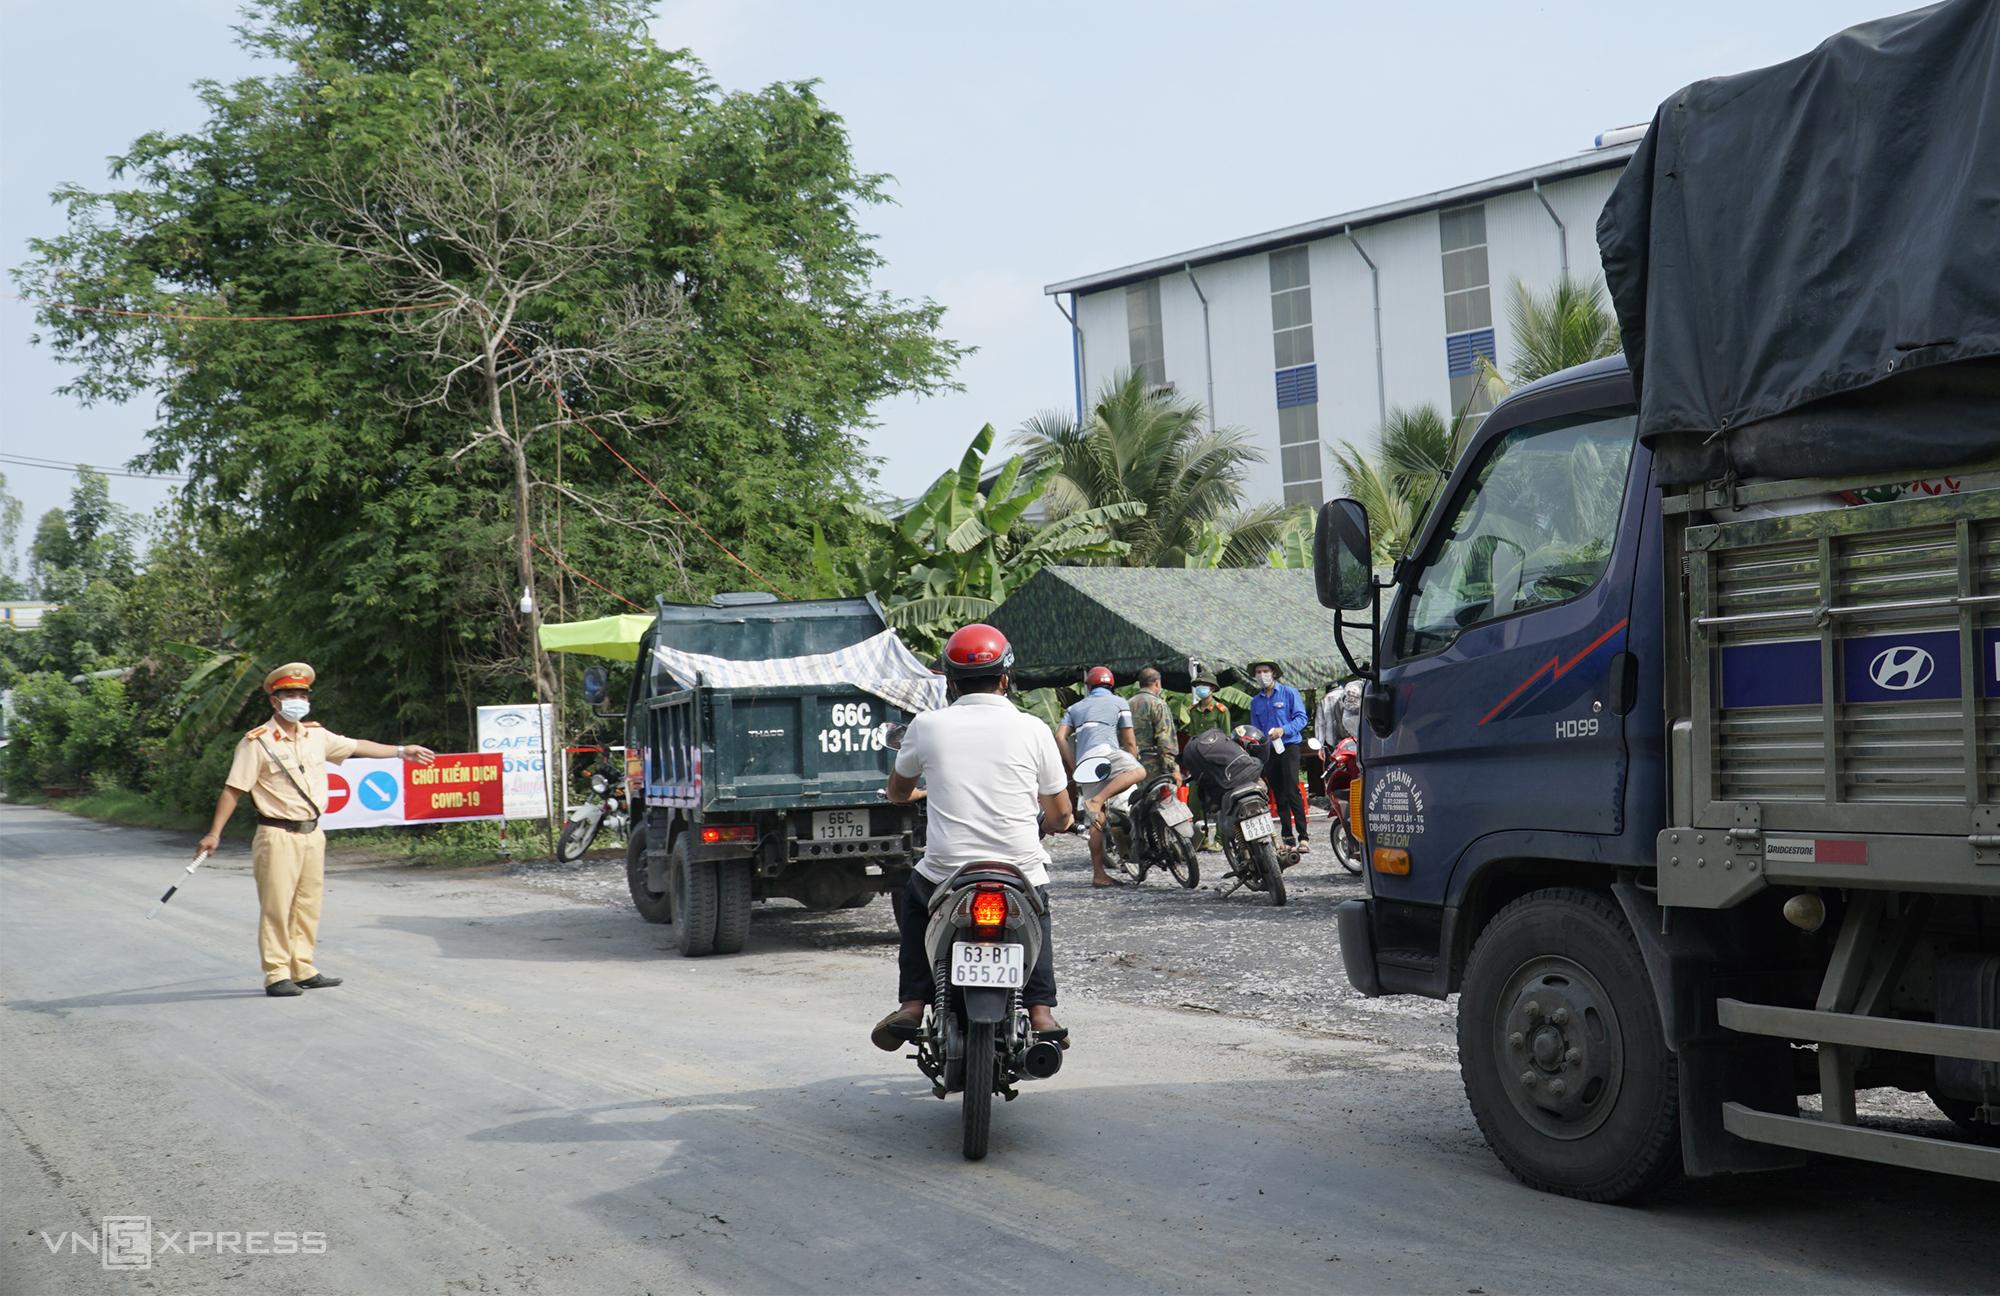 Chốt kiểm dịch tại huyện Tháp Mười giáp ranh với huyện Cái Bè, Tiền Giang, ngày 2/6. Ảnh: Ngọc Tài